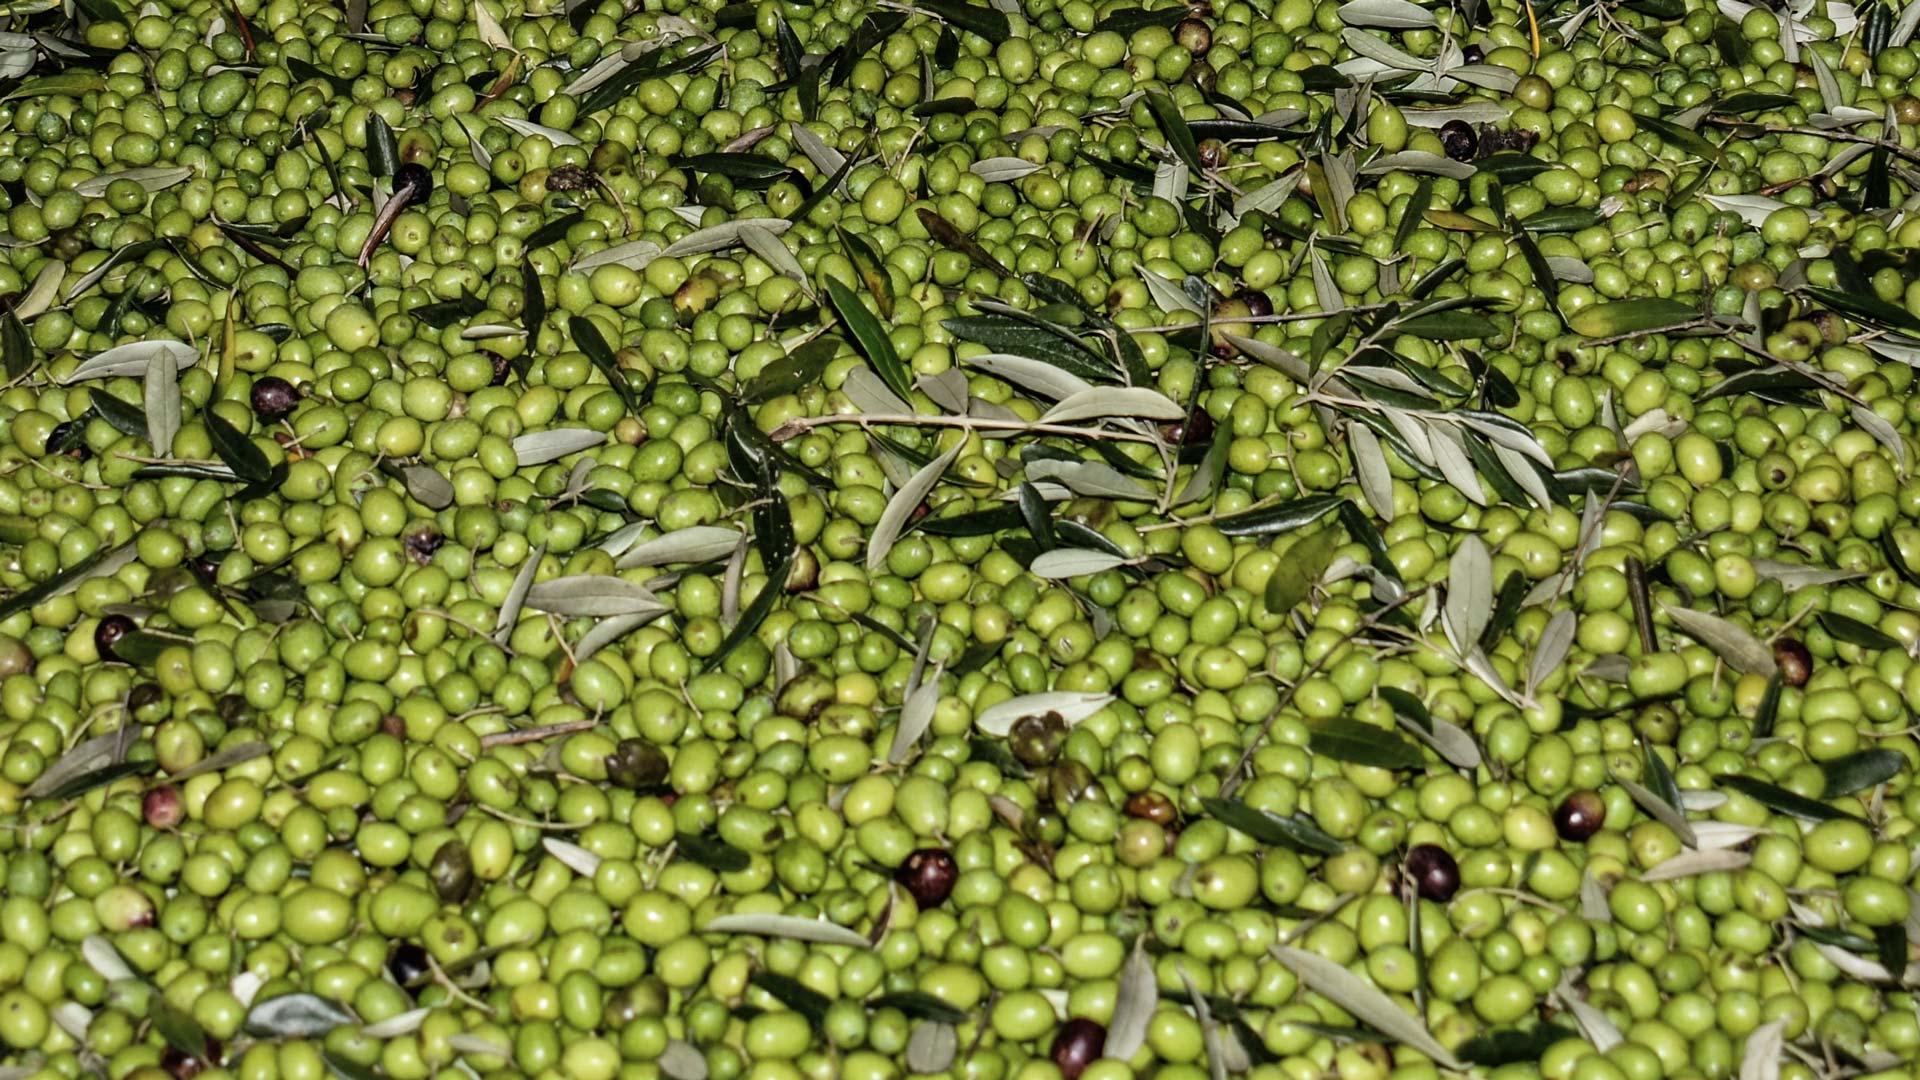 Freshly harvested Tuscan olives